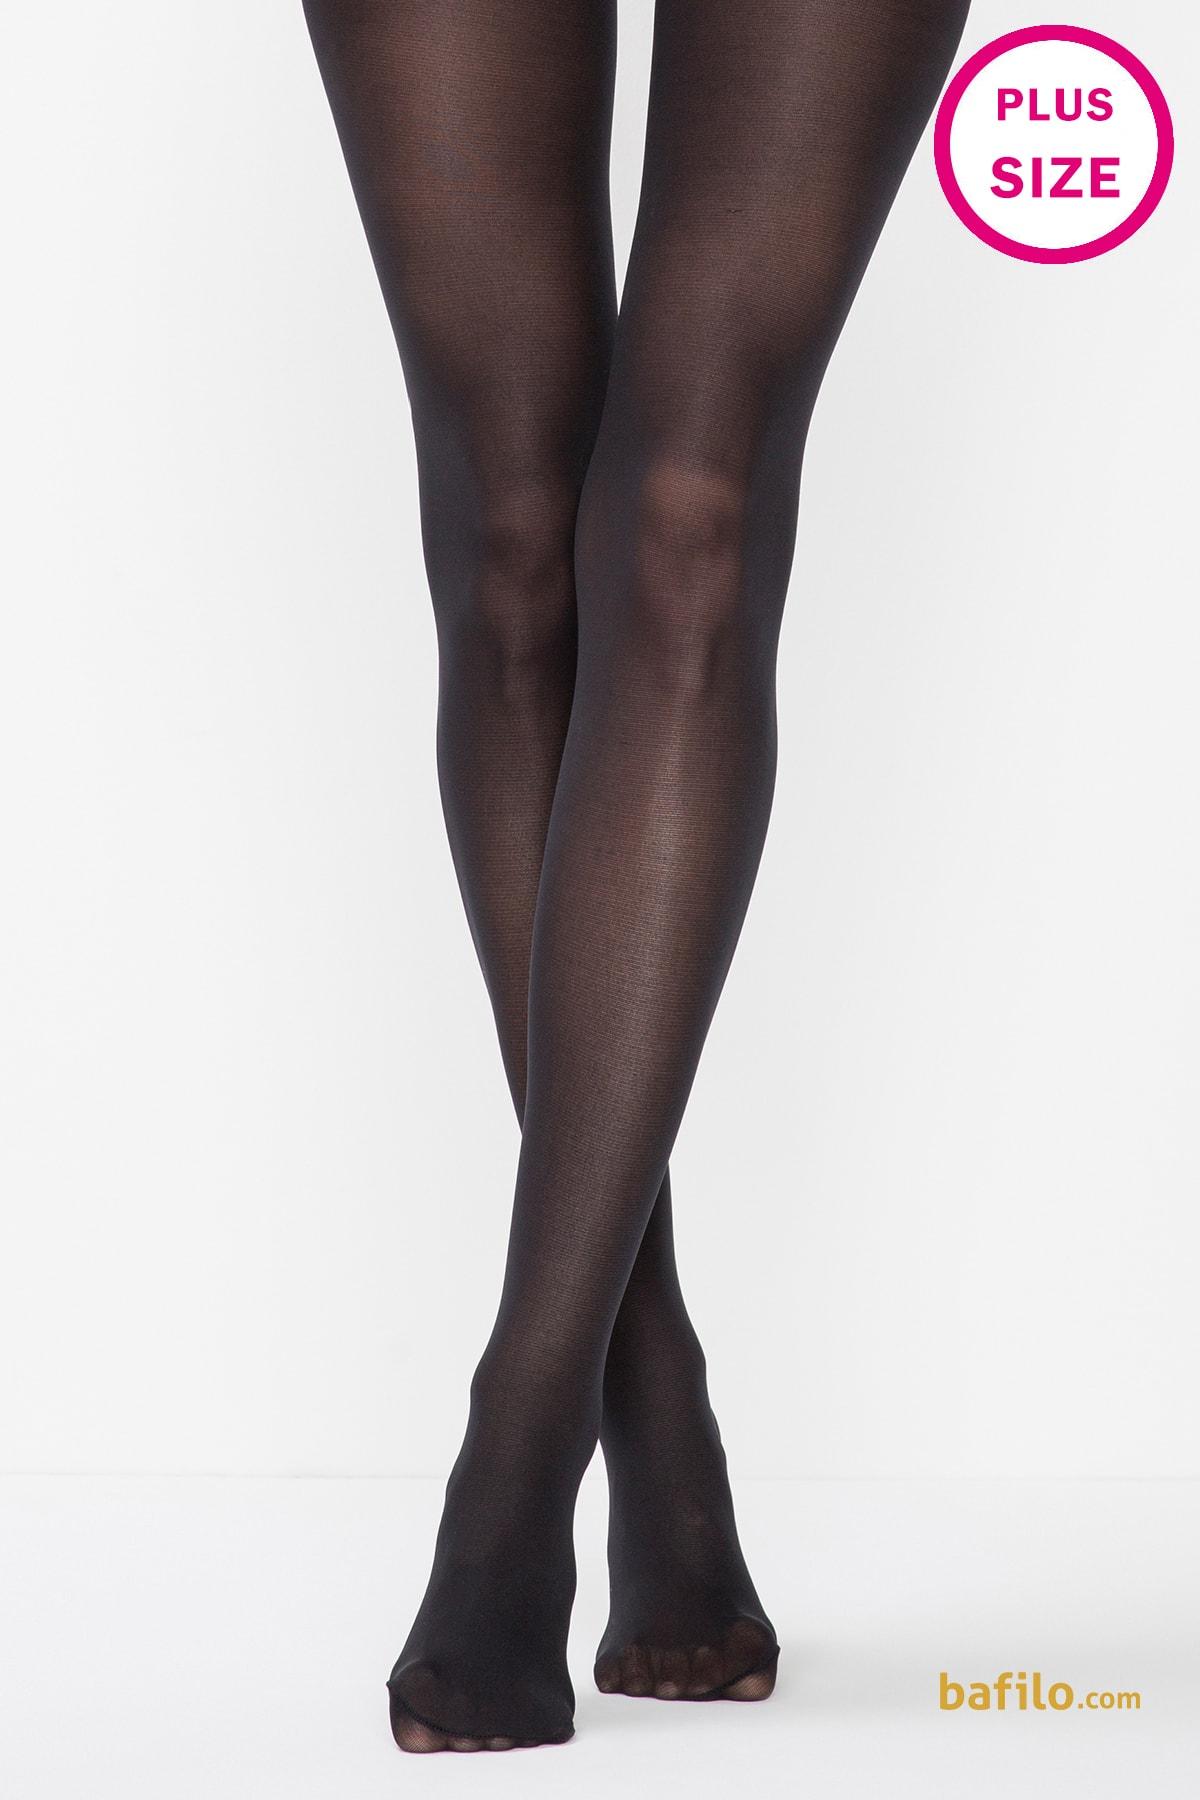 پنتی | Penti - جوراب شلواری سایز بزرگ زنانه پنتی Mikro 40 مشکی